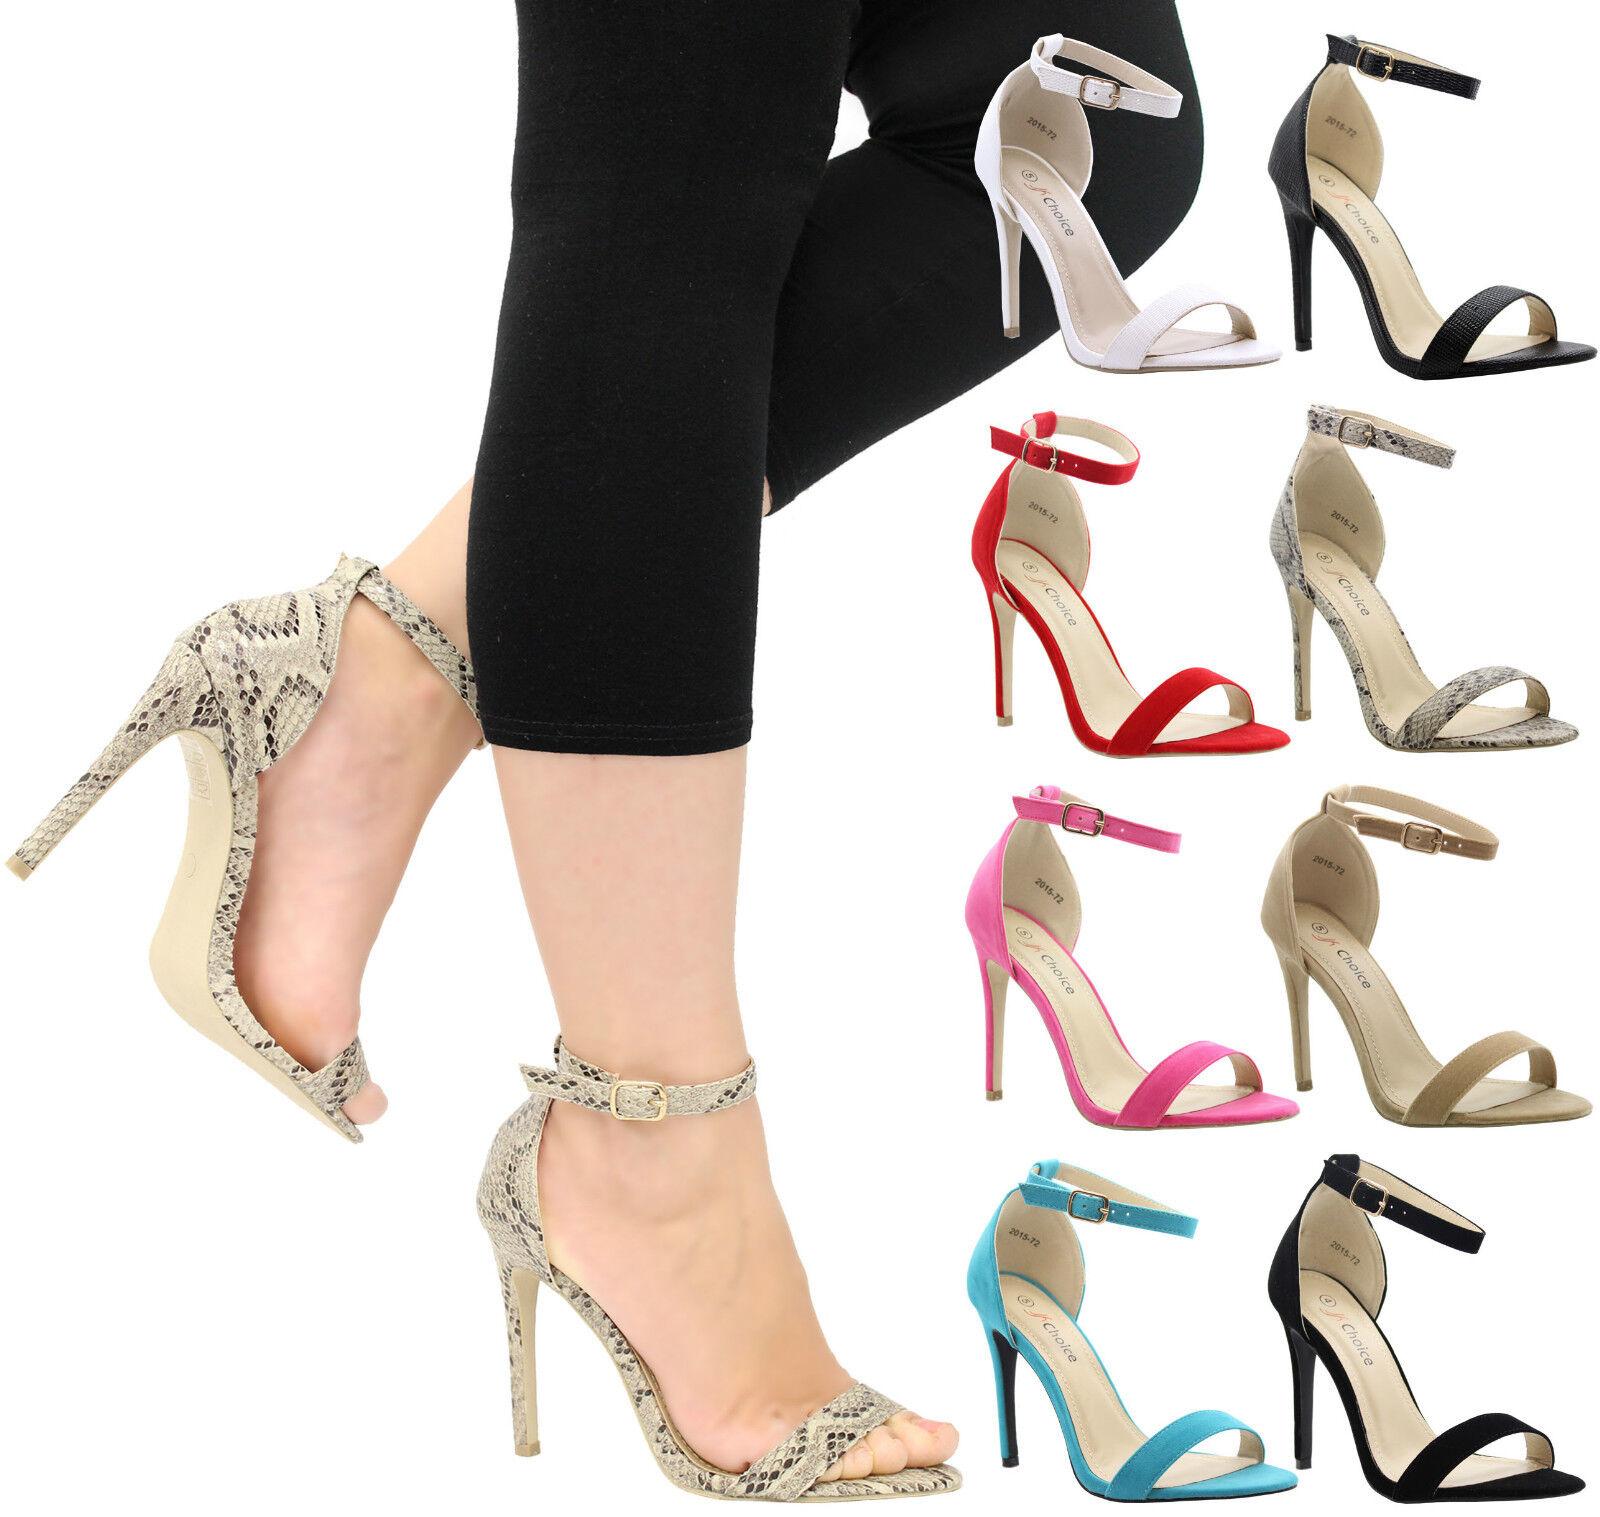 Da Donna con tacco a stiletto Peep Toe Fascia Caviglia Party Sandali Scarpe Taglia